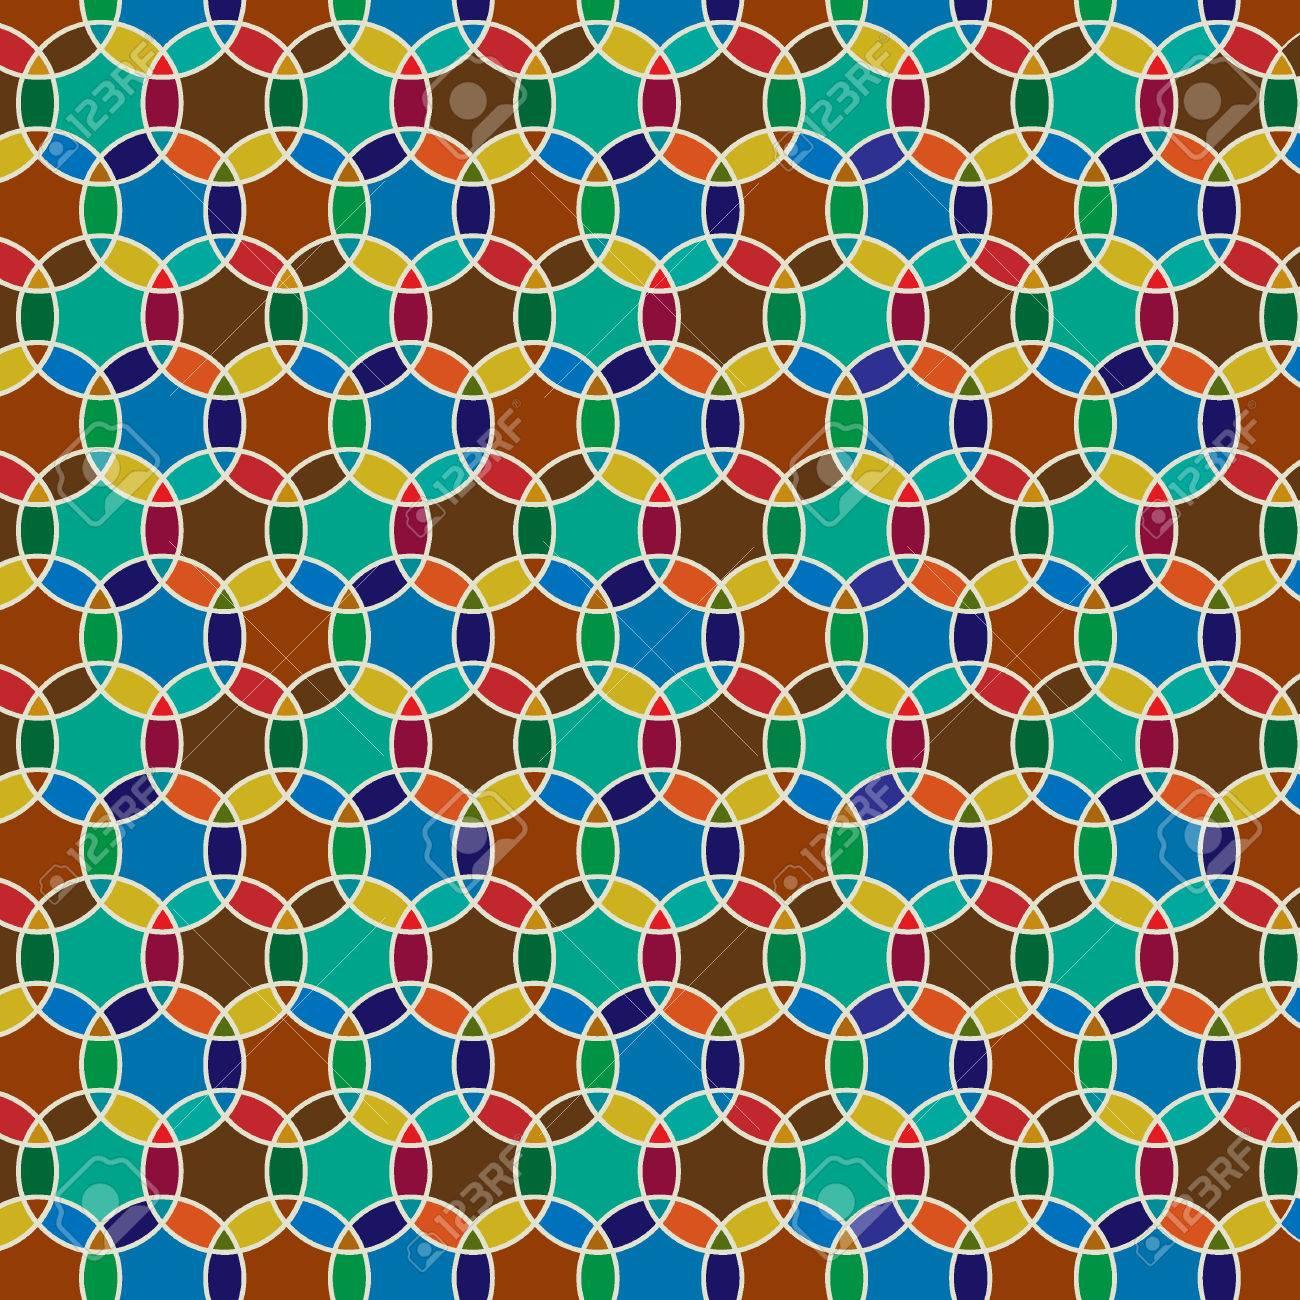 Circle Tiles Interlocking Moroccan Circle Tiles Royalty Free Cliparts Vectors